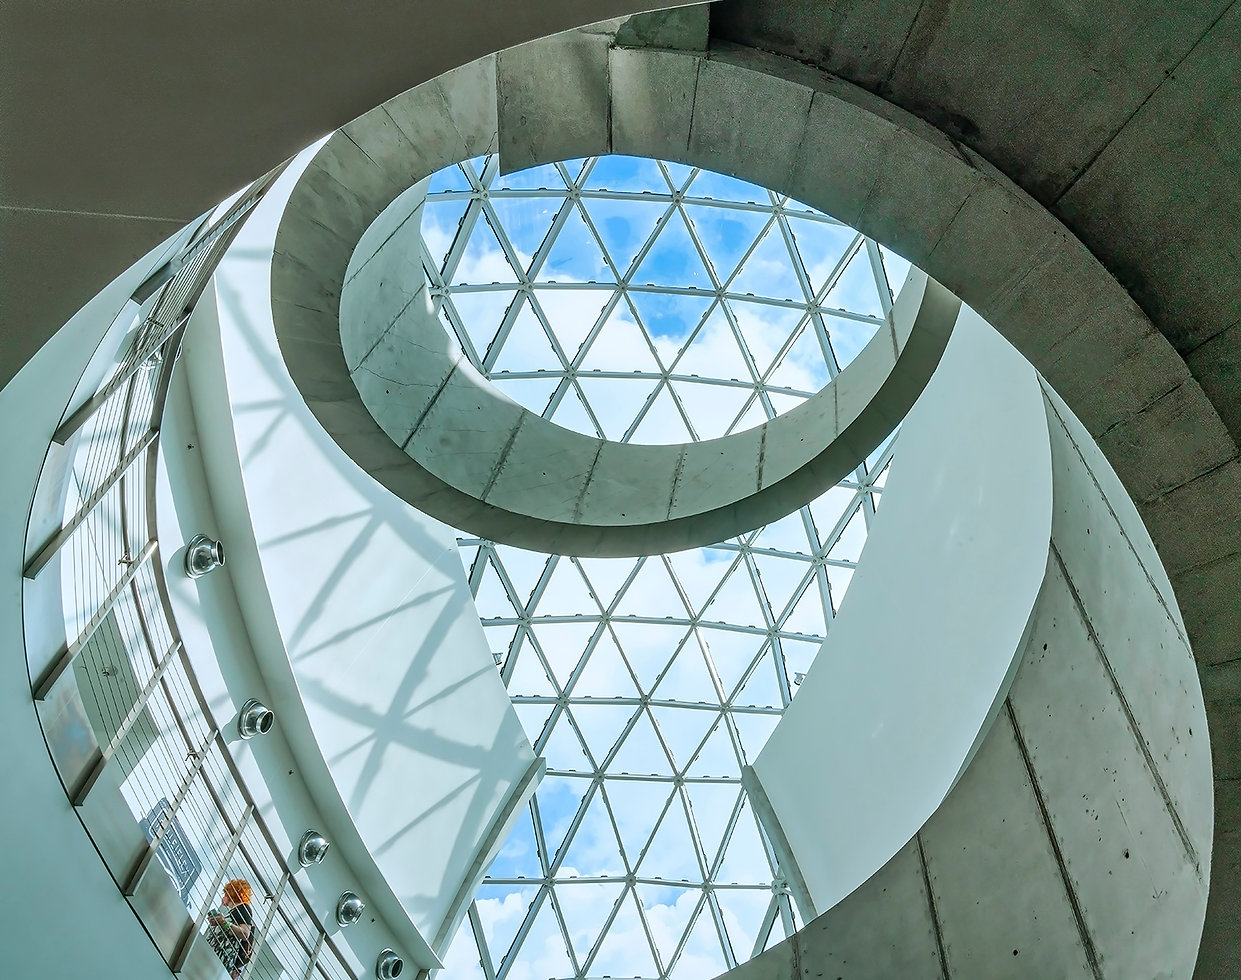 Dali Salvador Museum Ceiling